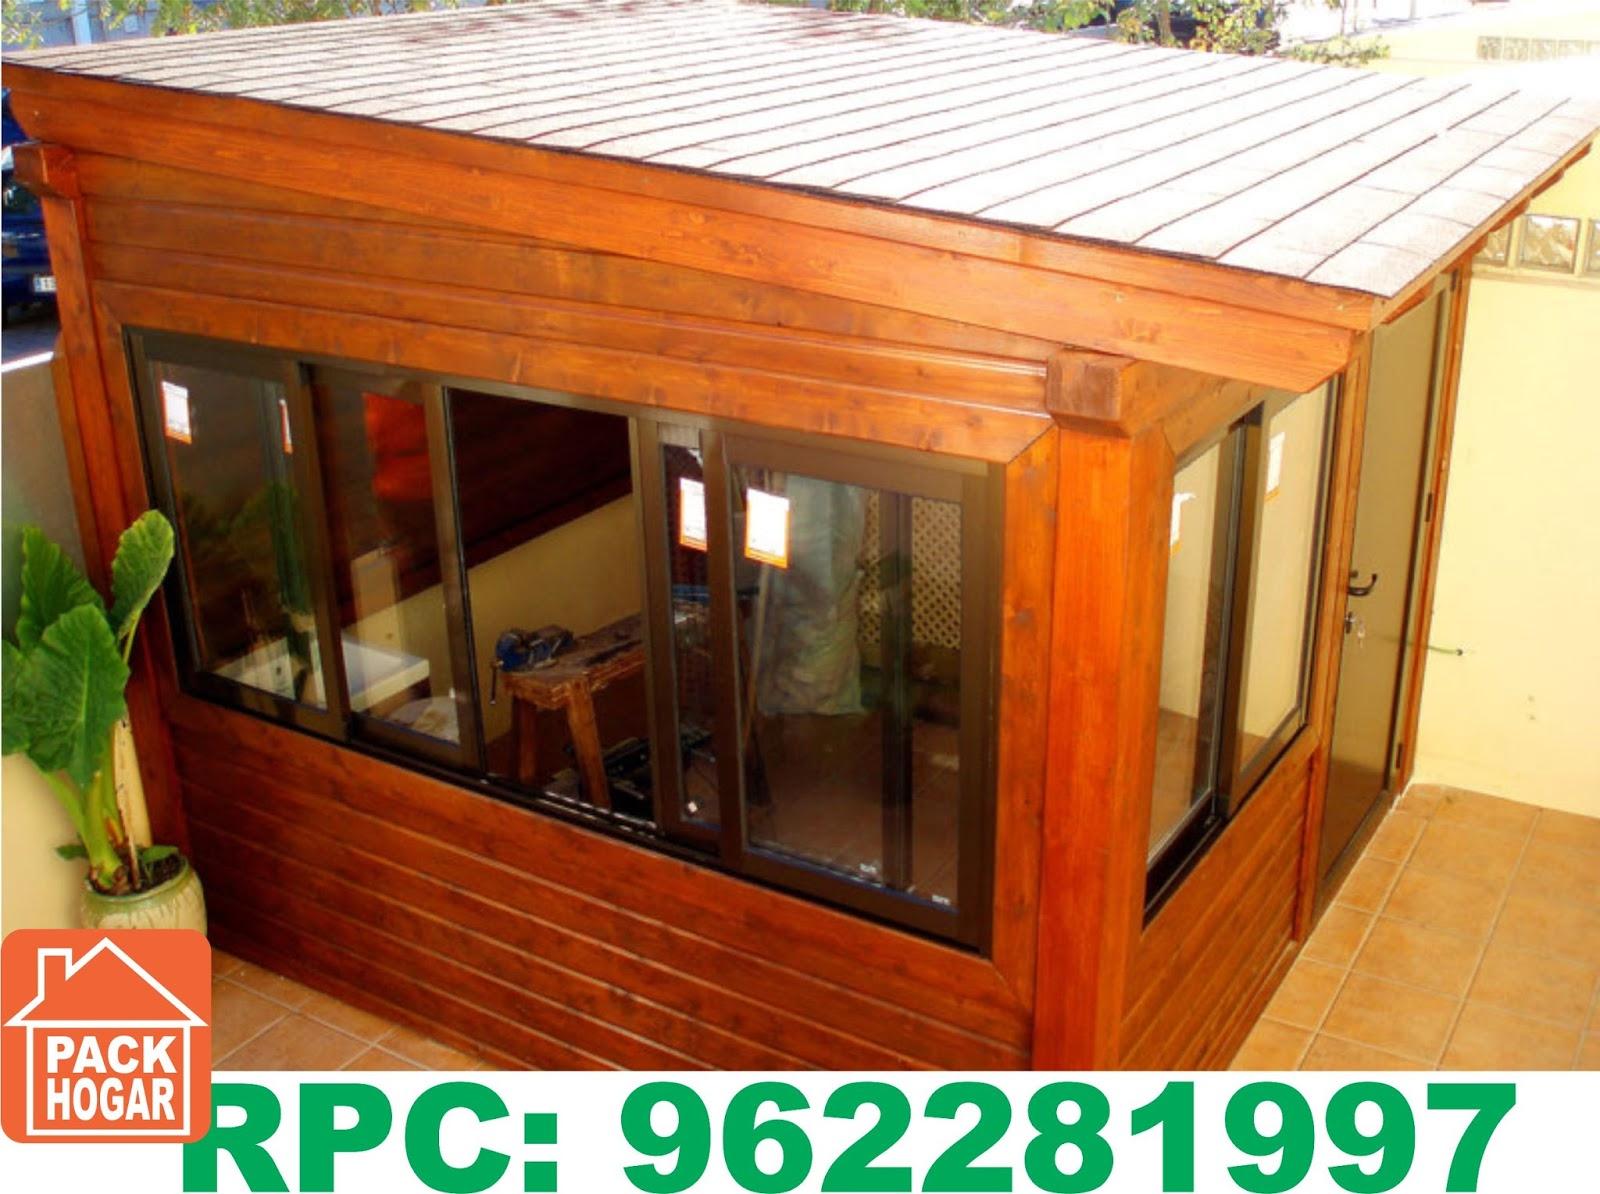 Casetas Cuartos Habitables Prefabricadas De Madera Lima - Caseta-para-terraza